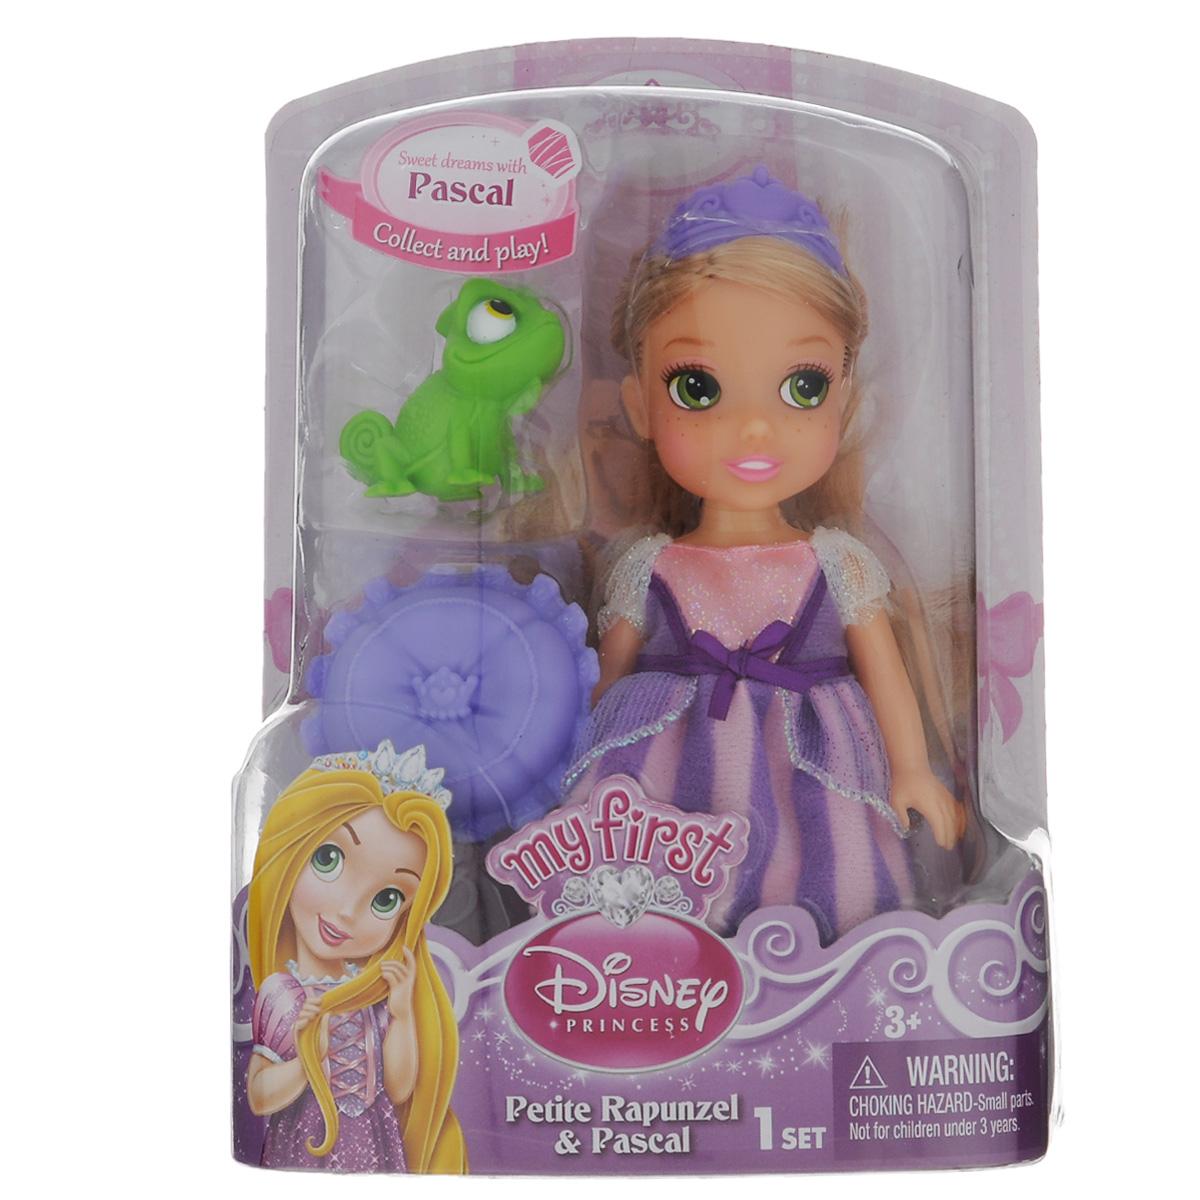 Disney Princess Игровой набор Petite Rapunzel & Pascal disney princess игровой набор мерида и пони